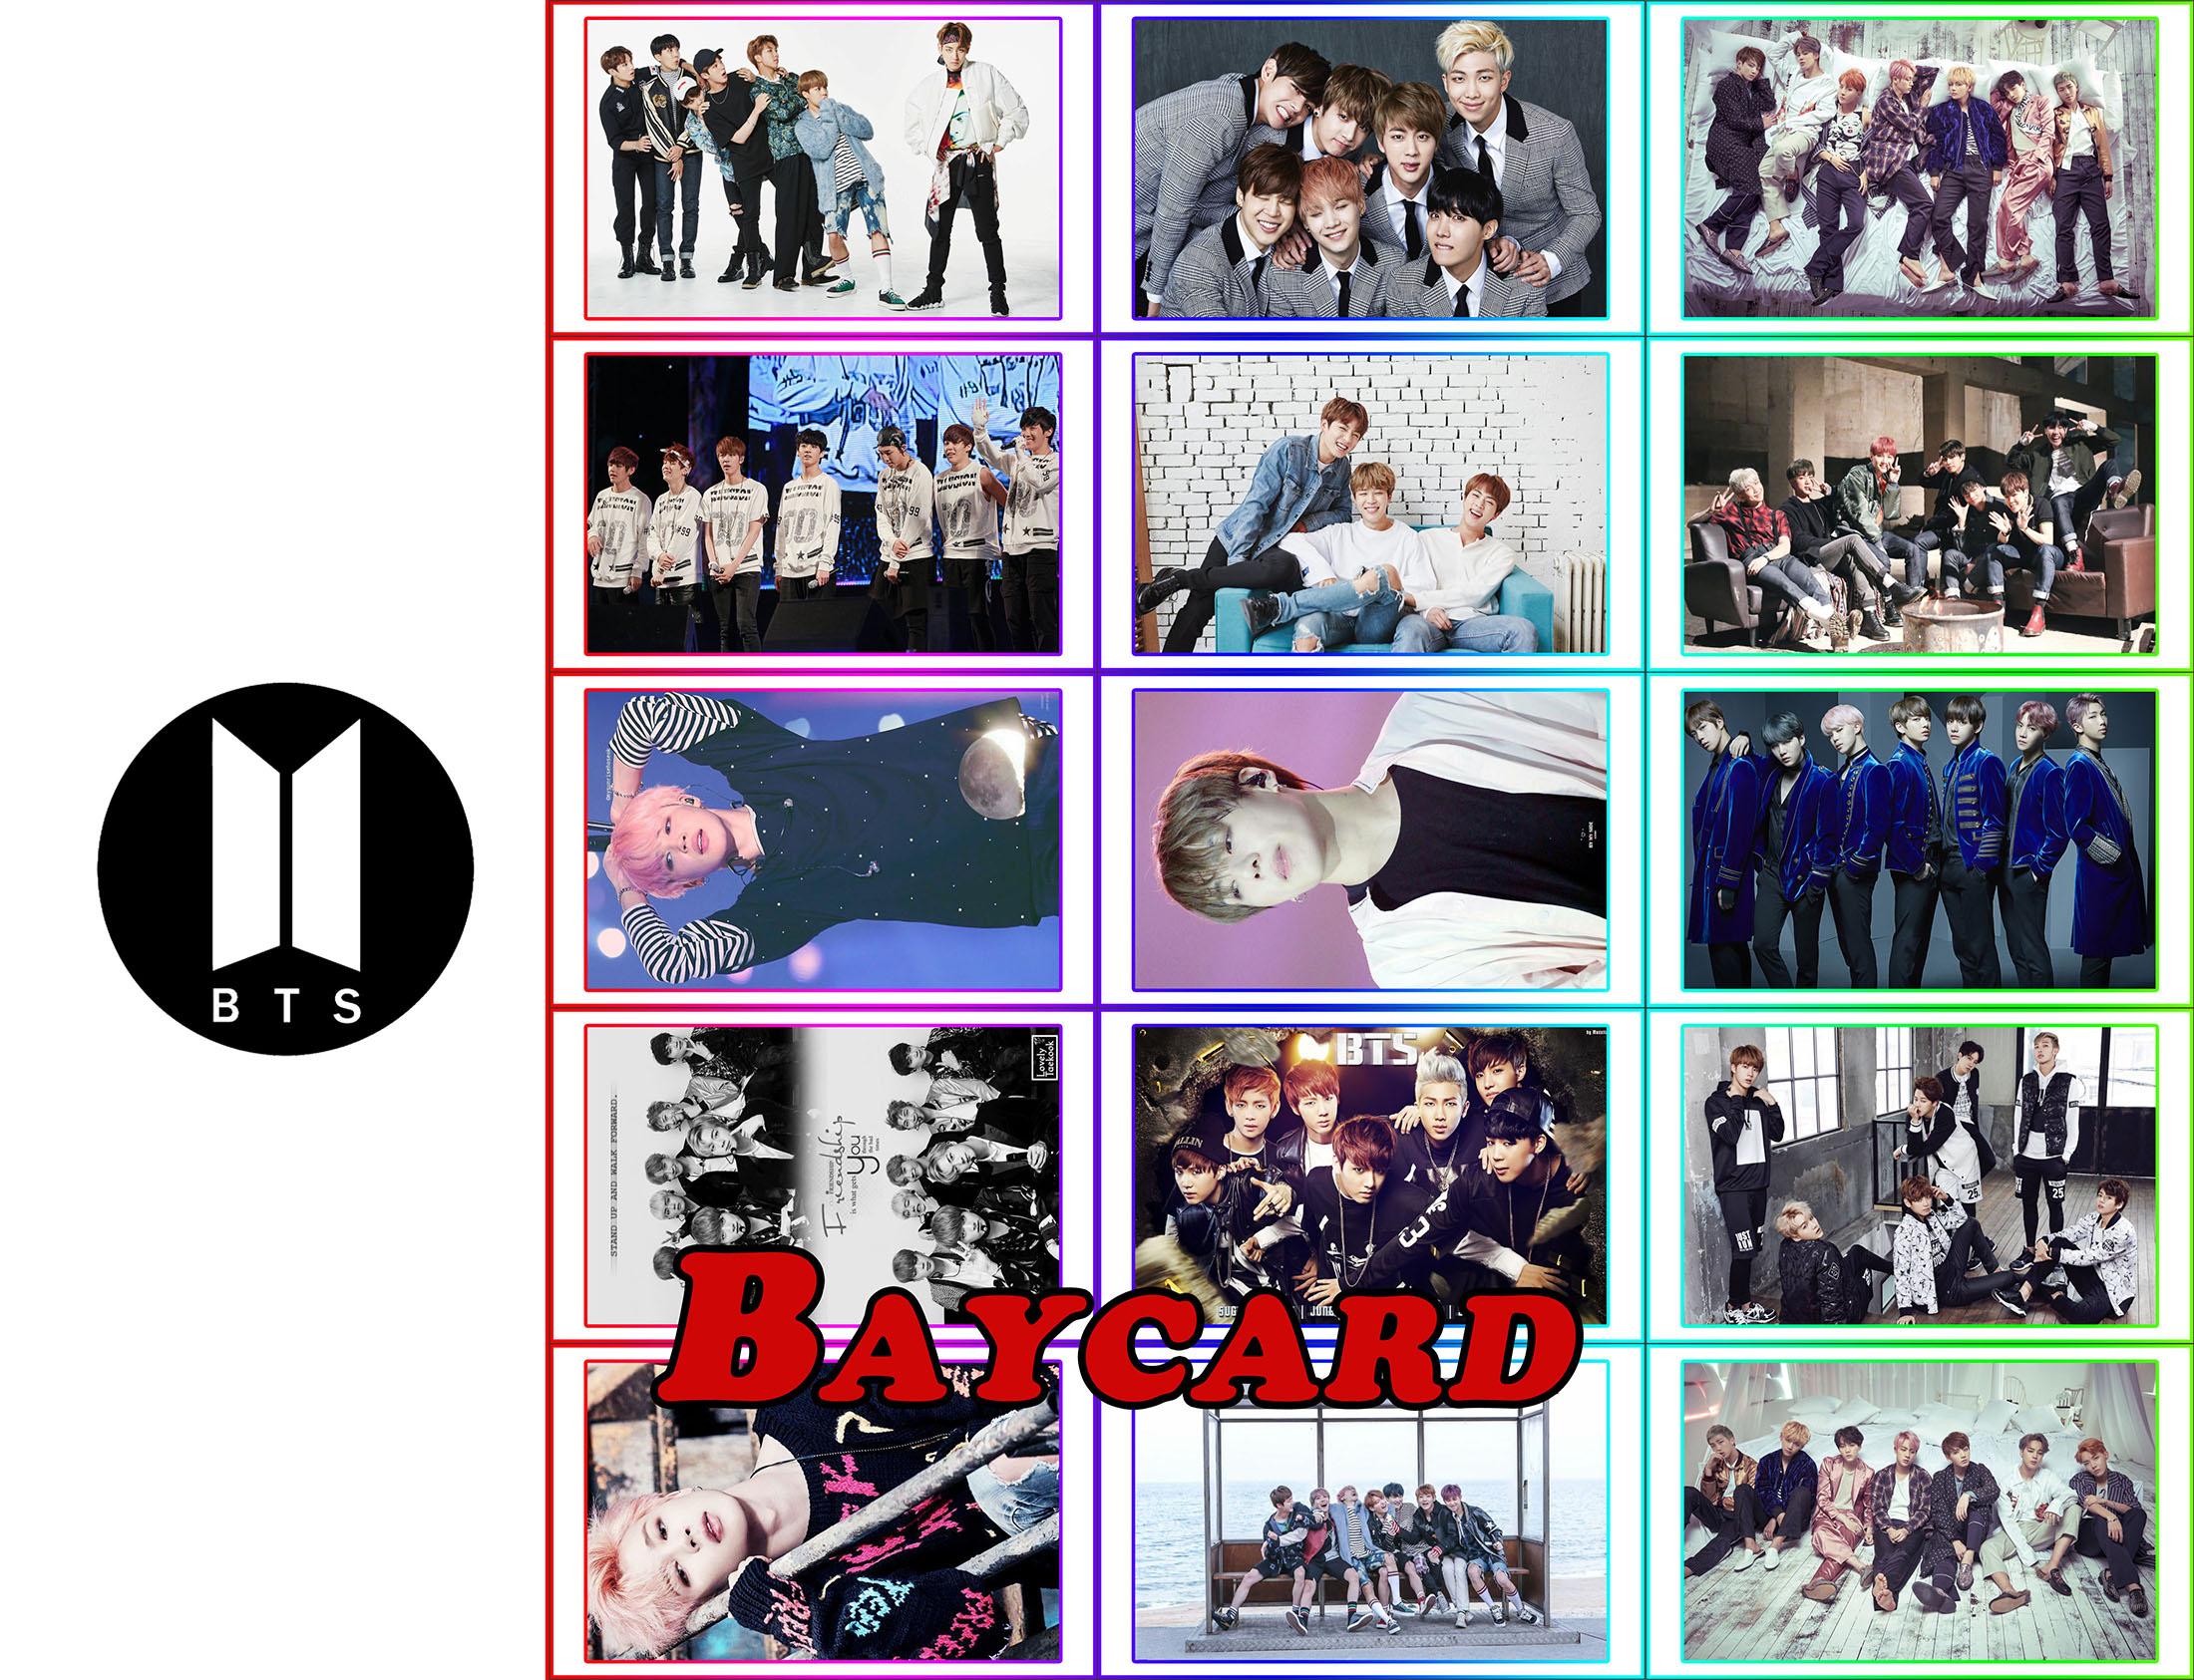 Baycard BTS